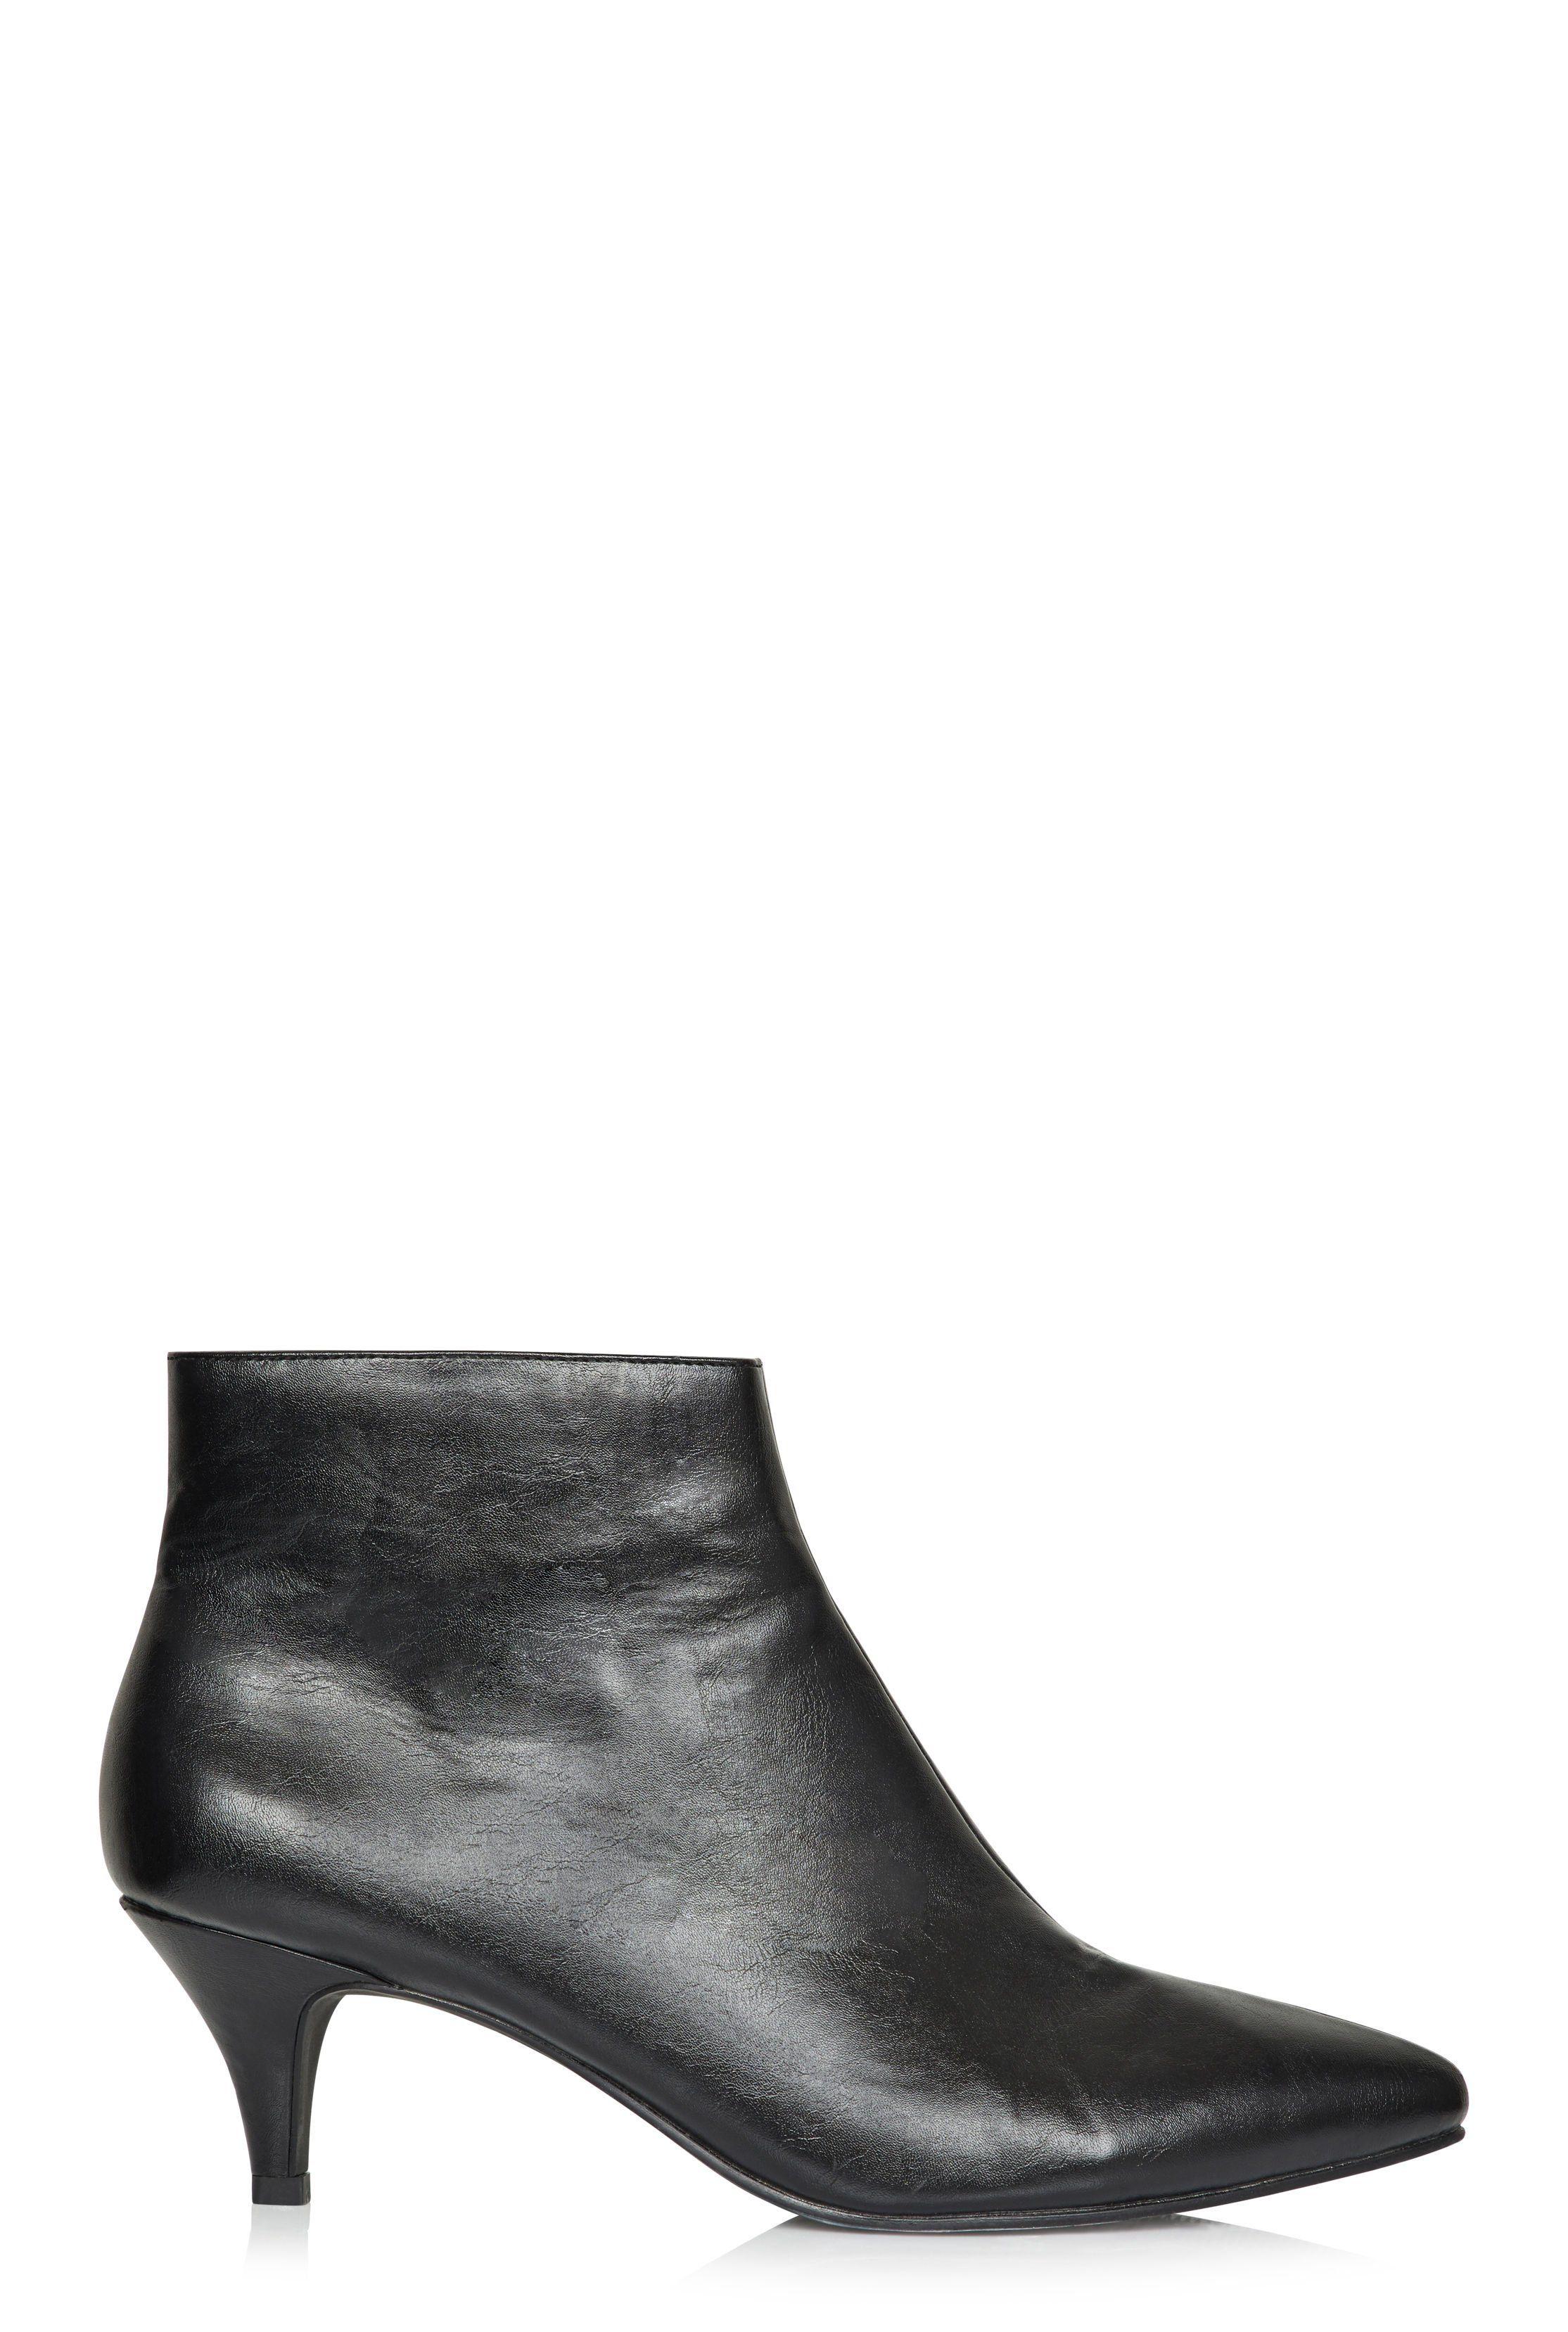 Lts Hayden Kitten Heel Ankle Boot In 2020 Kitten Heel Ankle Boots Boots Kitten Heels